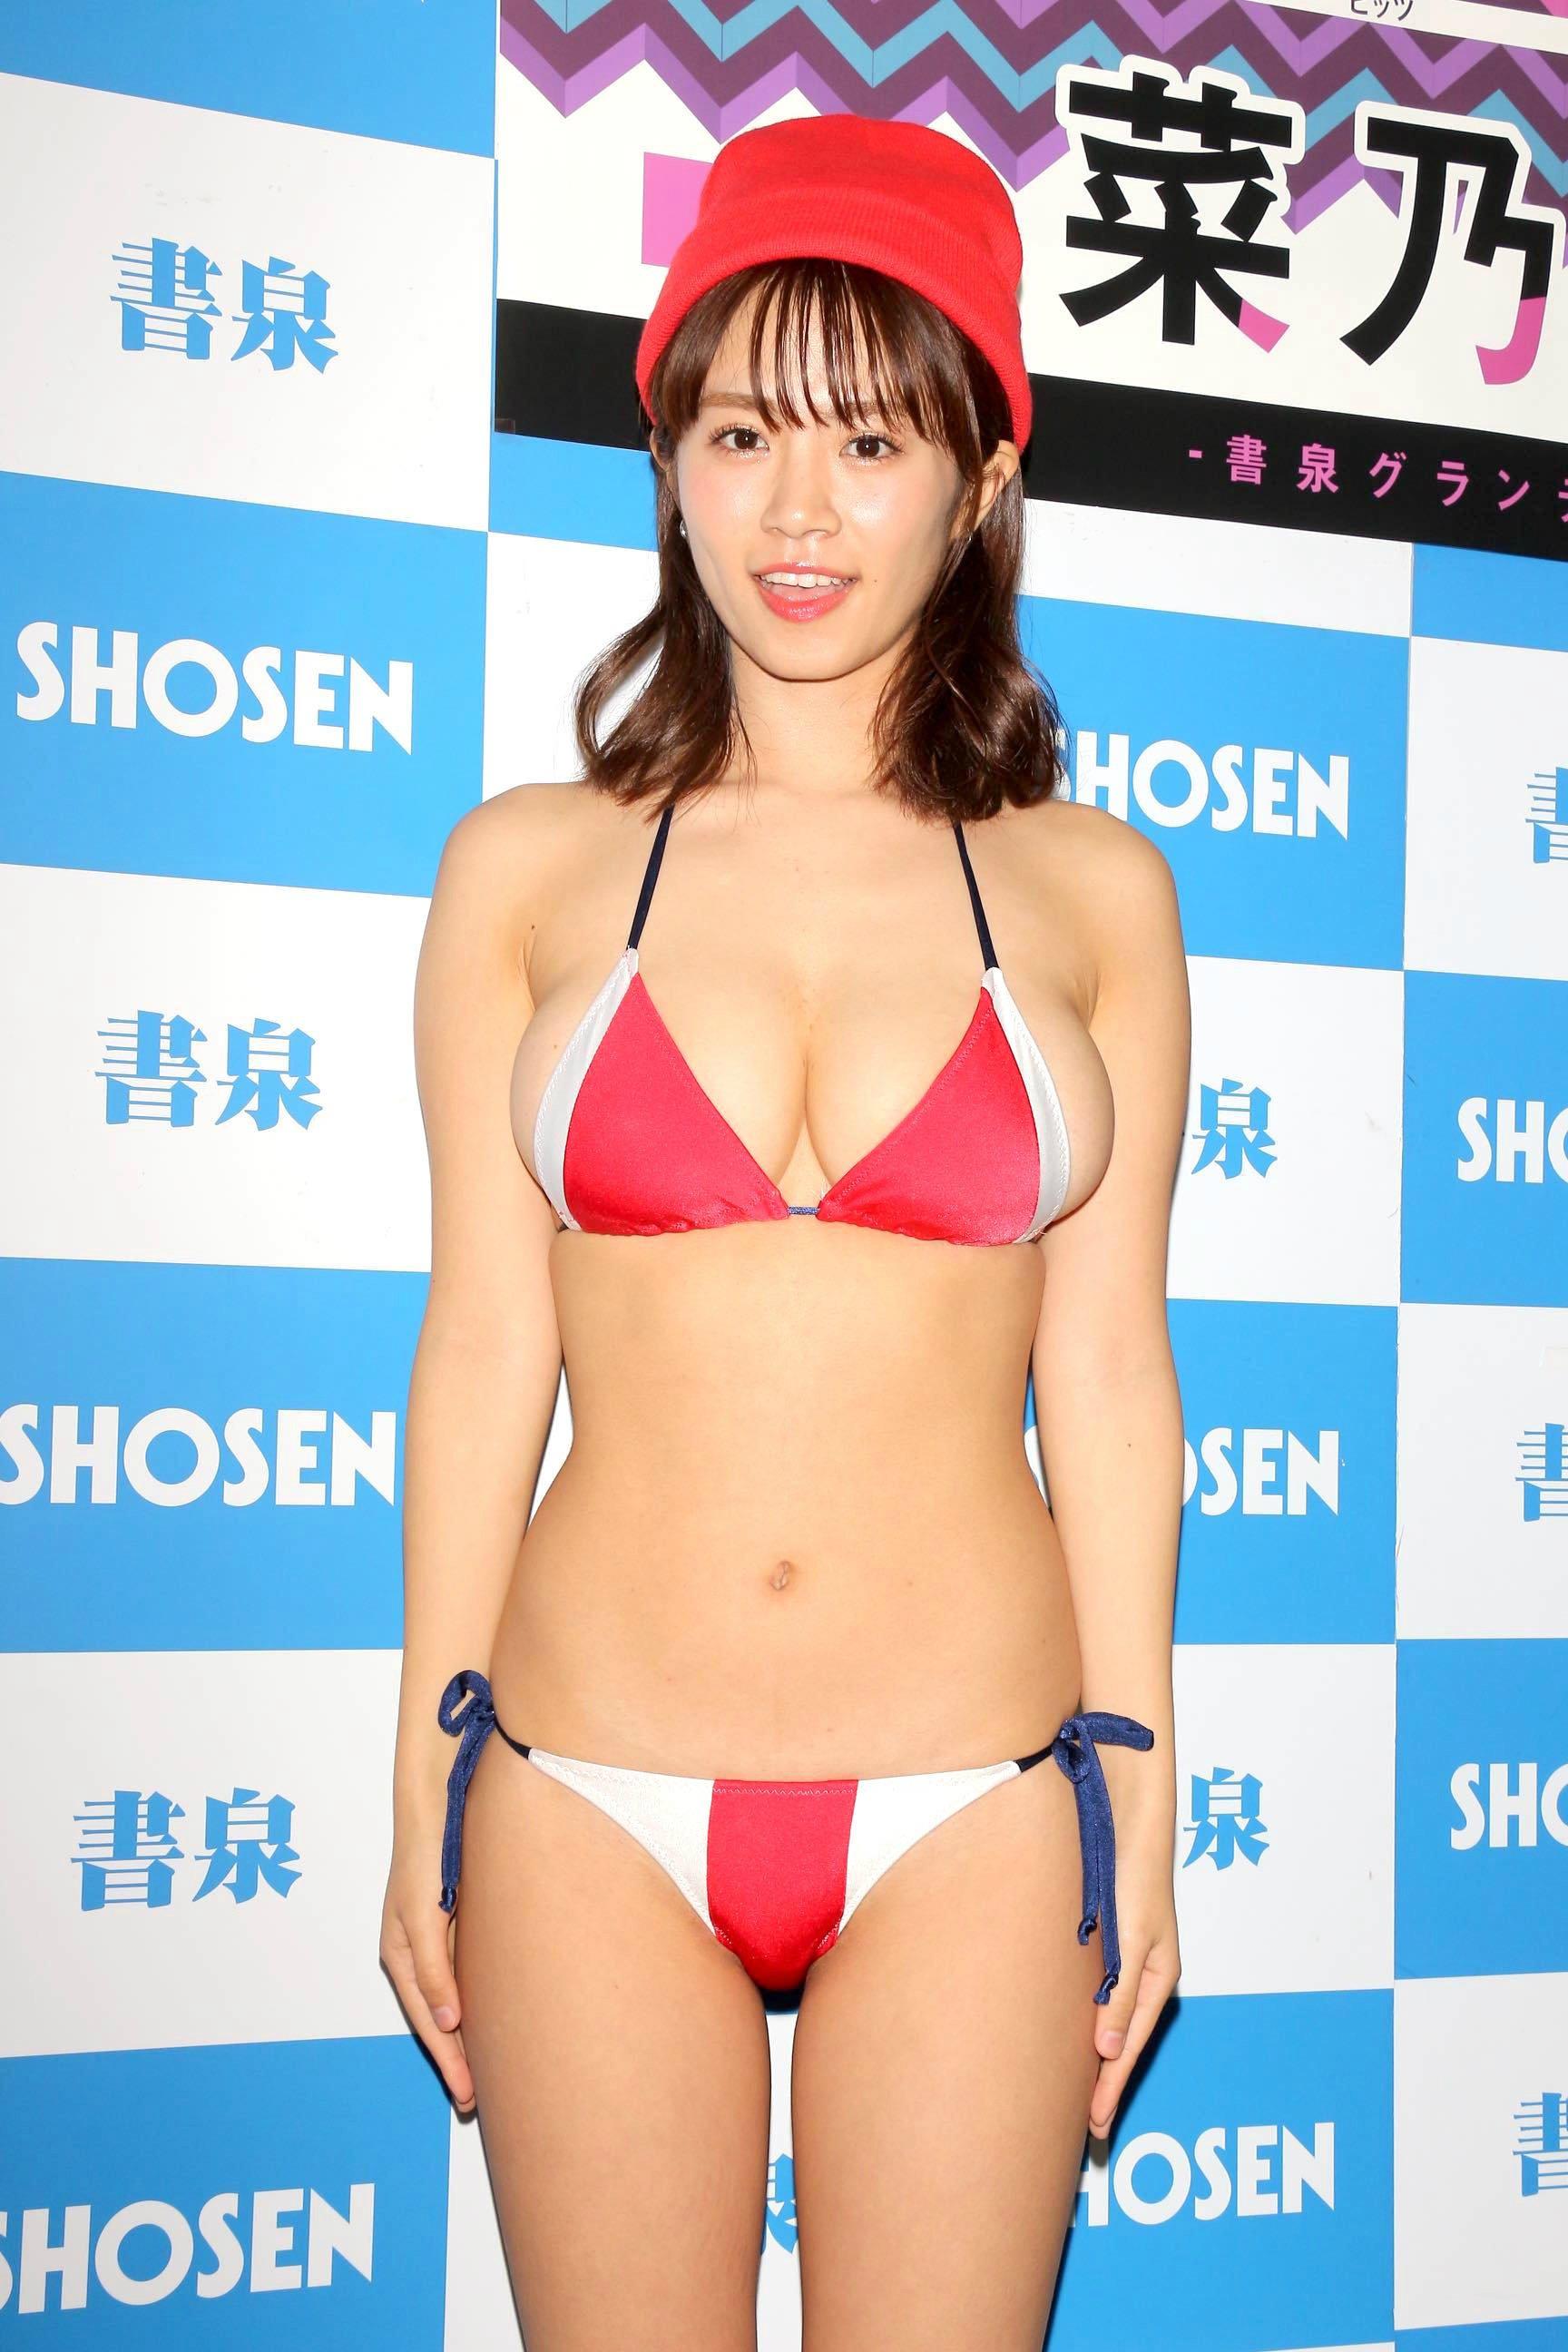 菜乃花「キス600回」を経験し、慣れてきた!?【写真18枚】の画像002